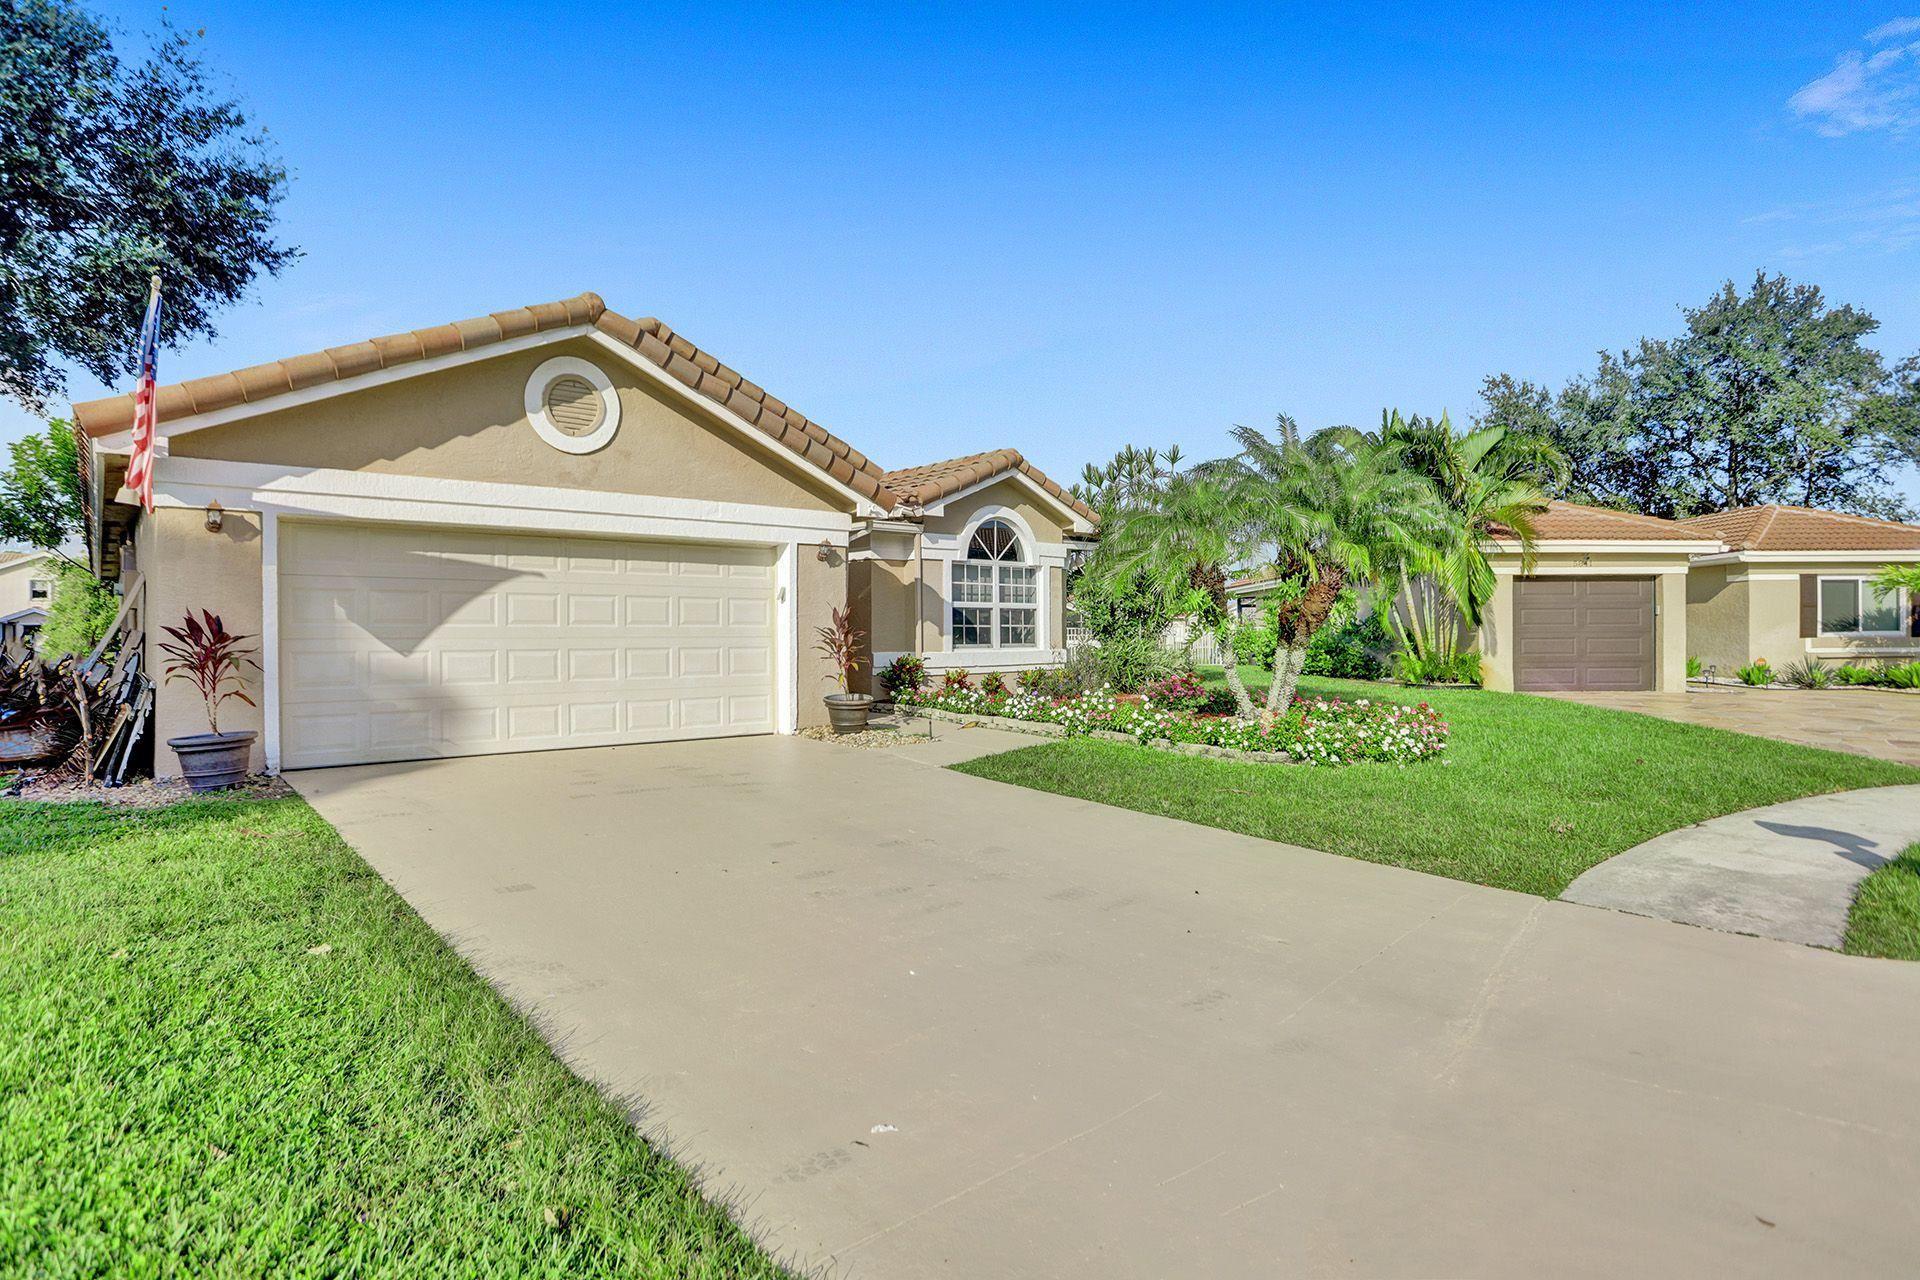 Photo of 5851 Amethyst Court, Boynton Beach, FL 33472 (MLS # RX-10657649)